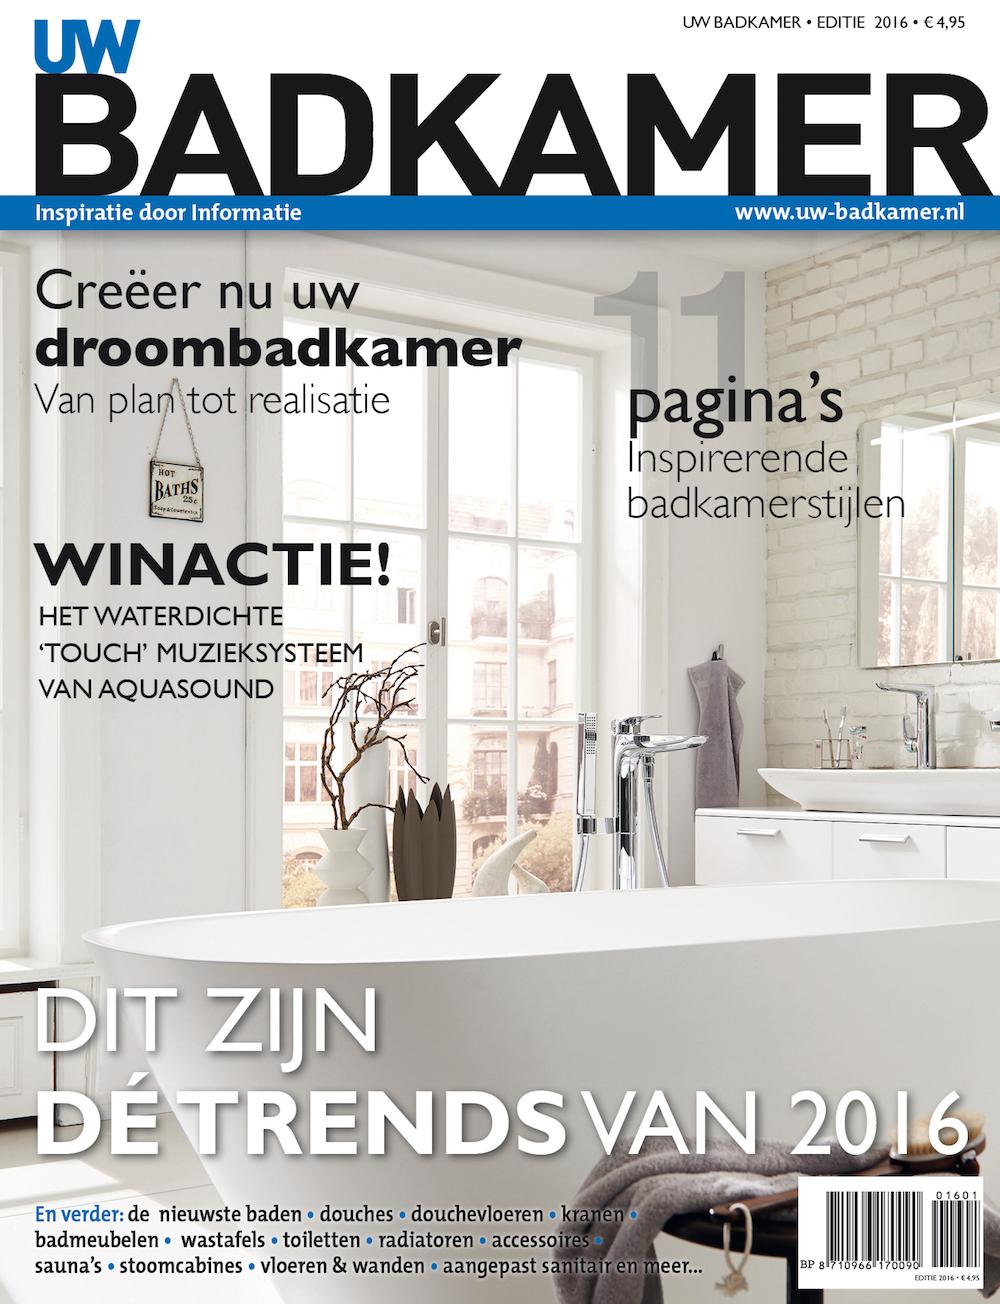 Bestel het glossy UW-Badkamer magazine 2016 met alle informatie en inspiratie voor je nieuwe badkamer